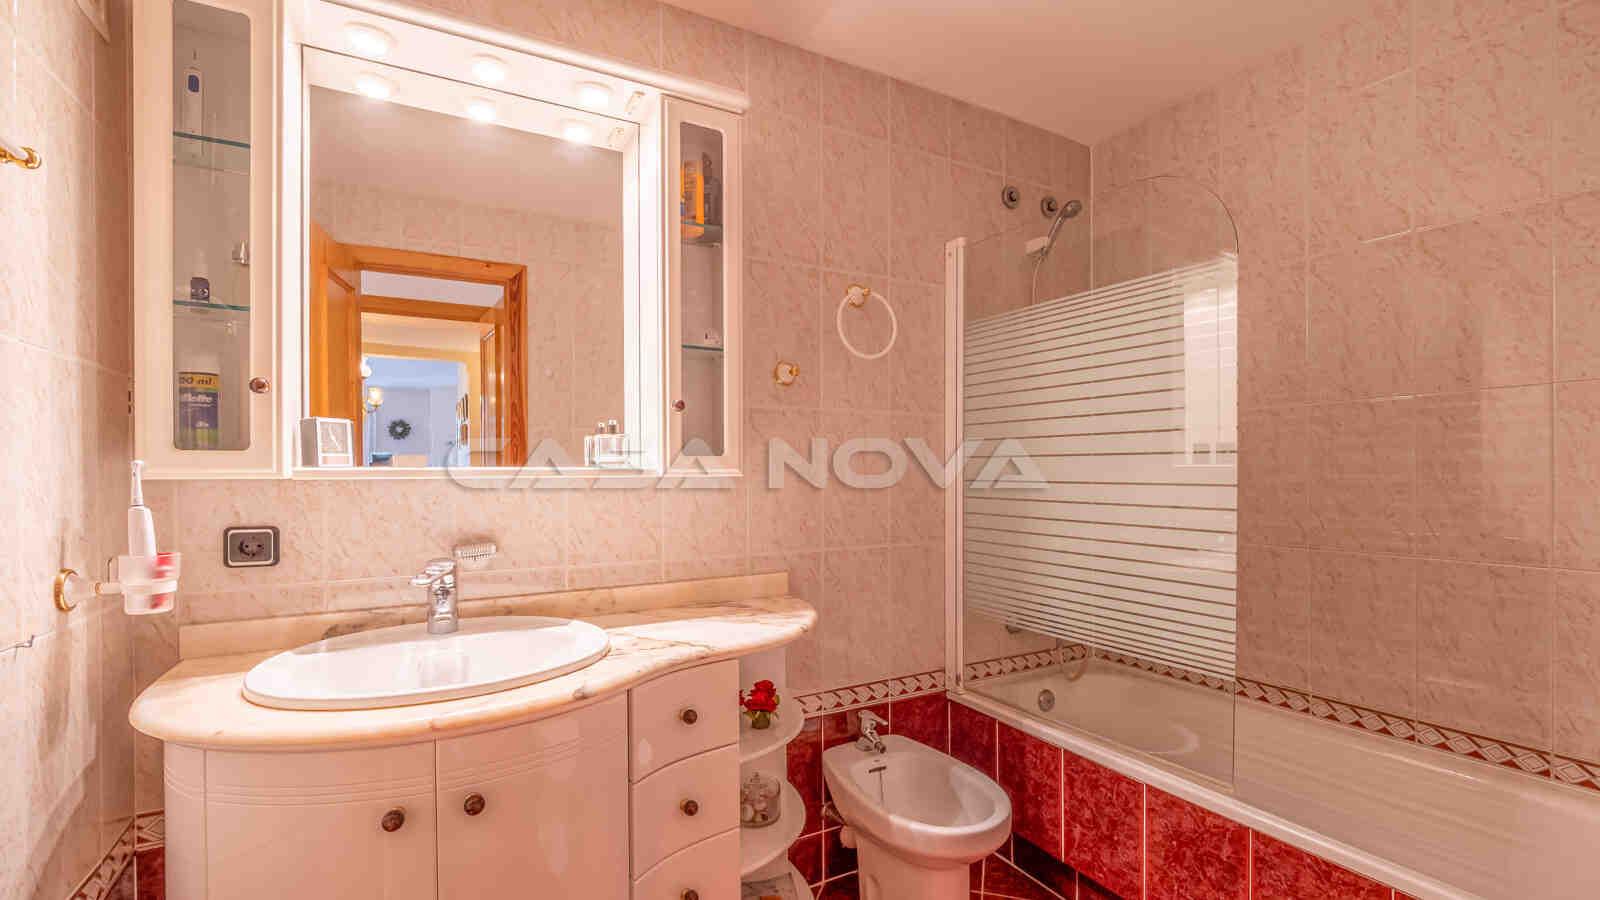 Schickes Badezimmer mit Badewanne